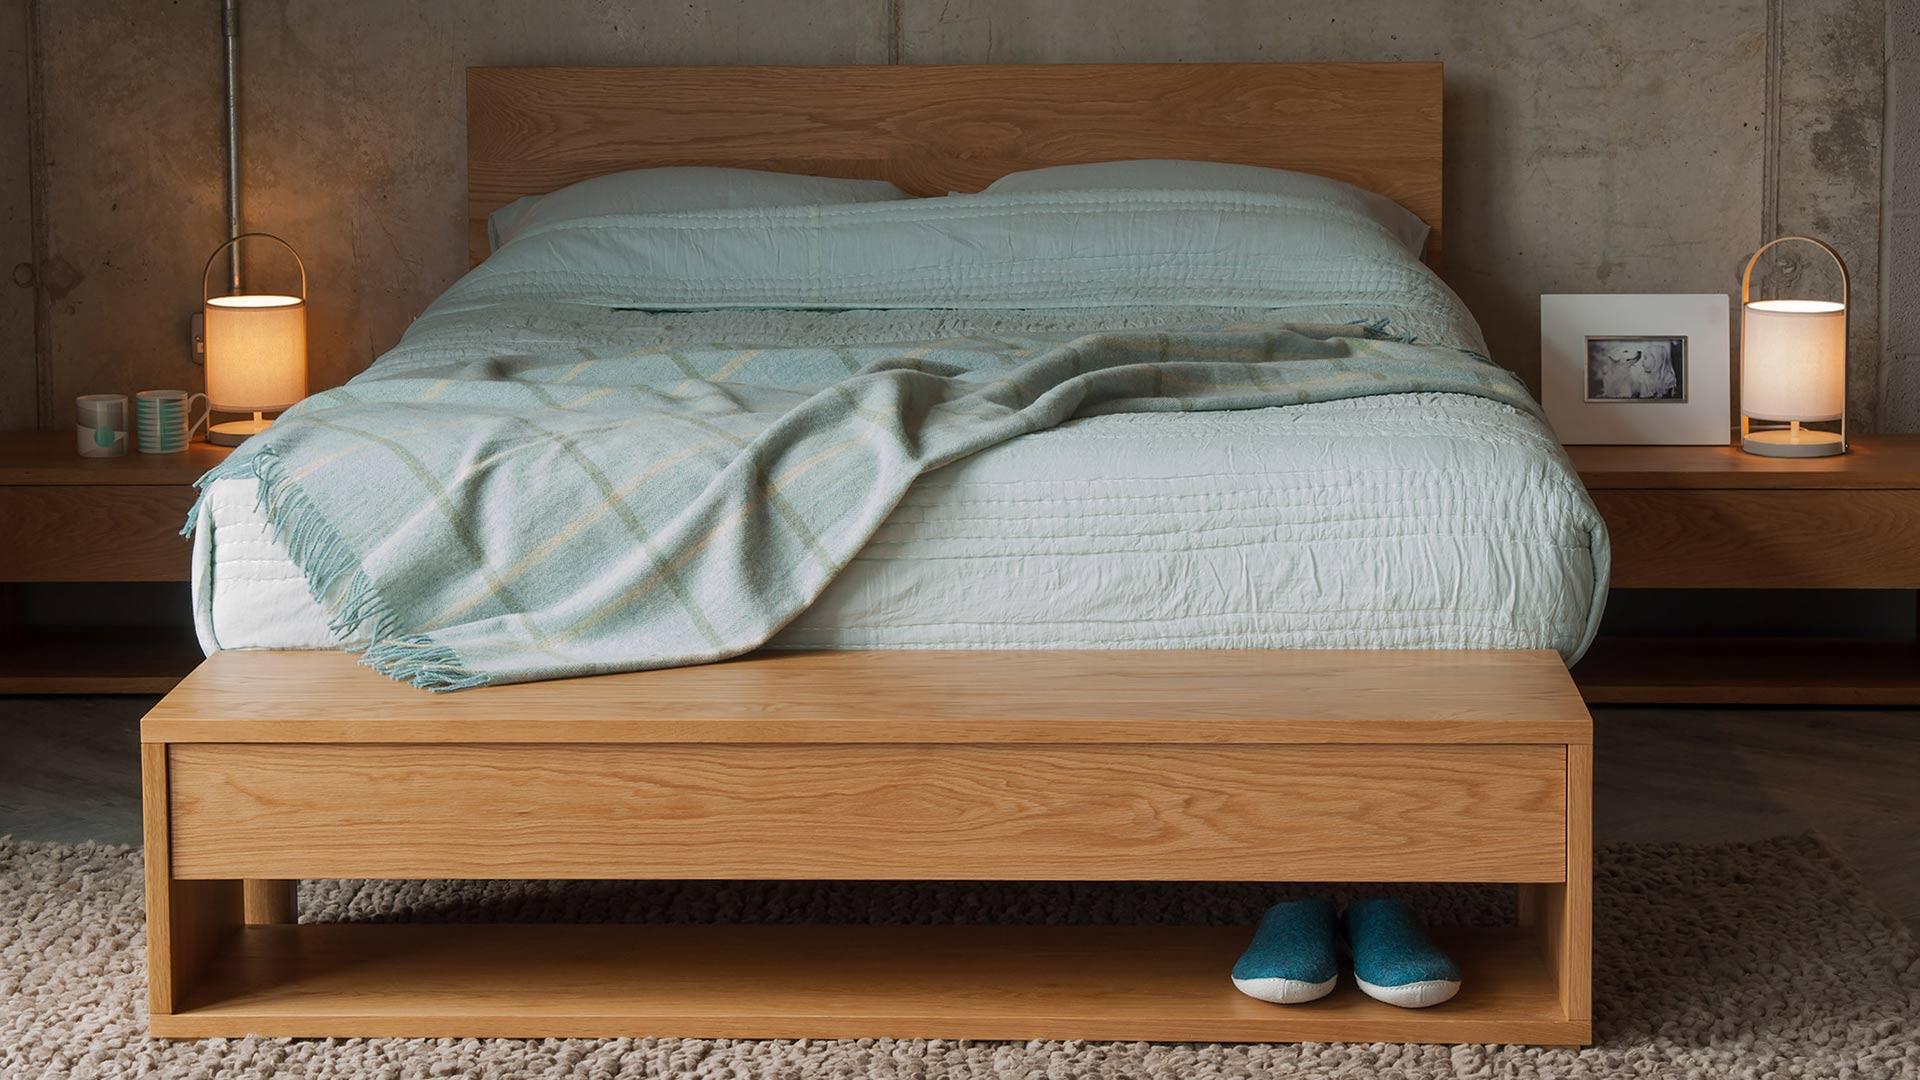 st-Ives-bedside-lights